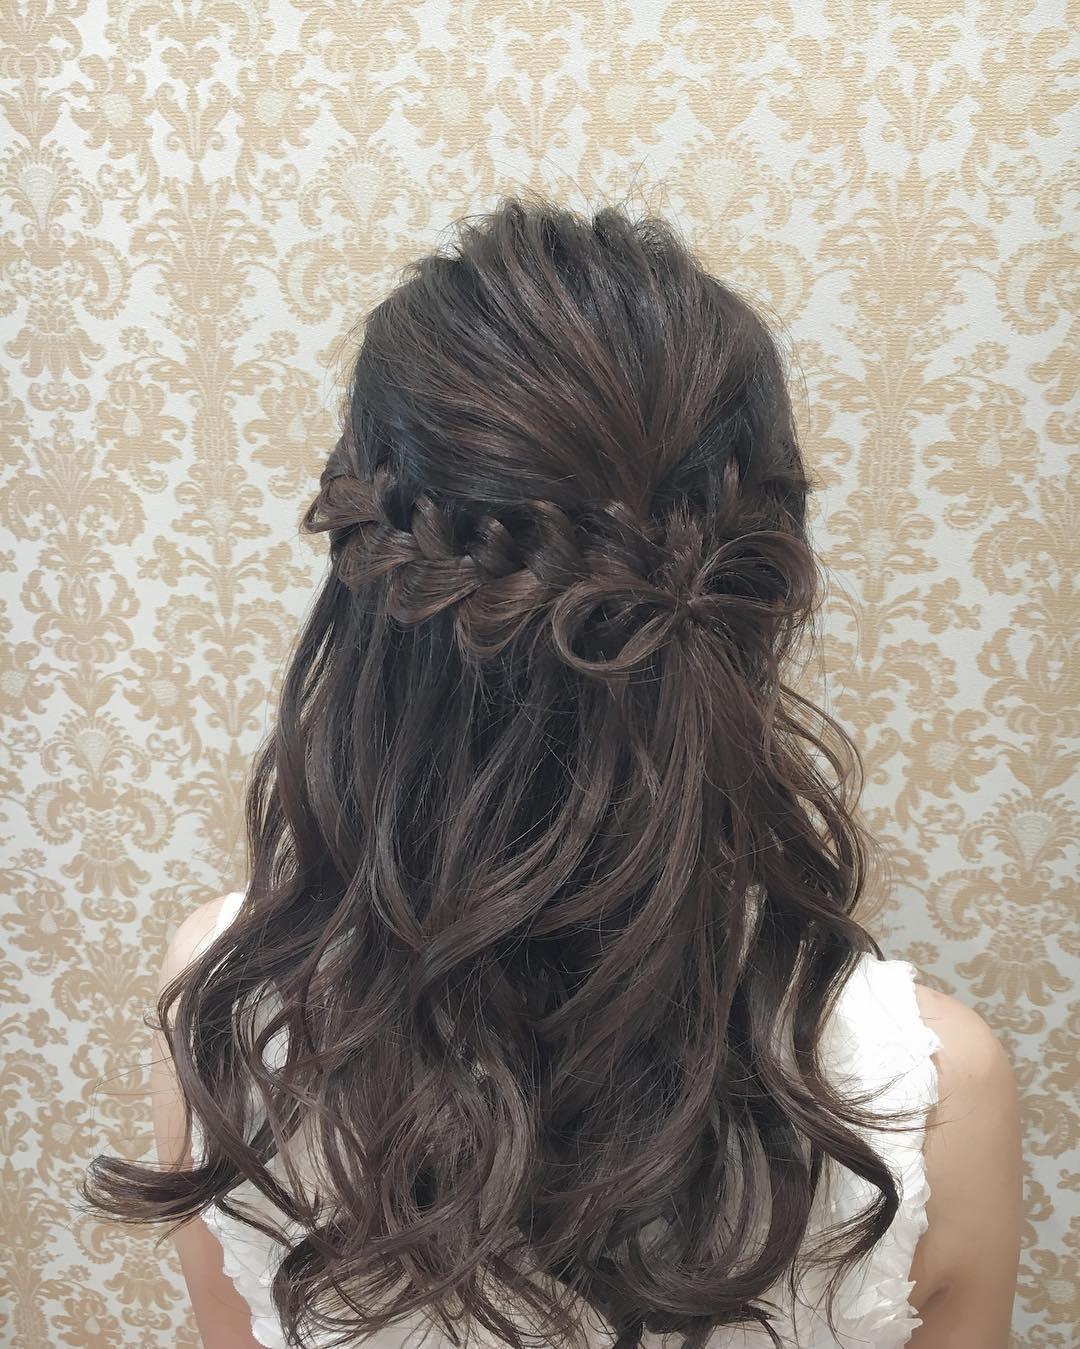 ヘアアクセ要らず!自分の髪で作る特別なスタイル☆2